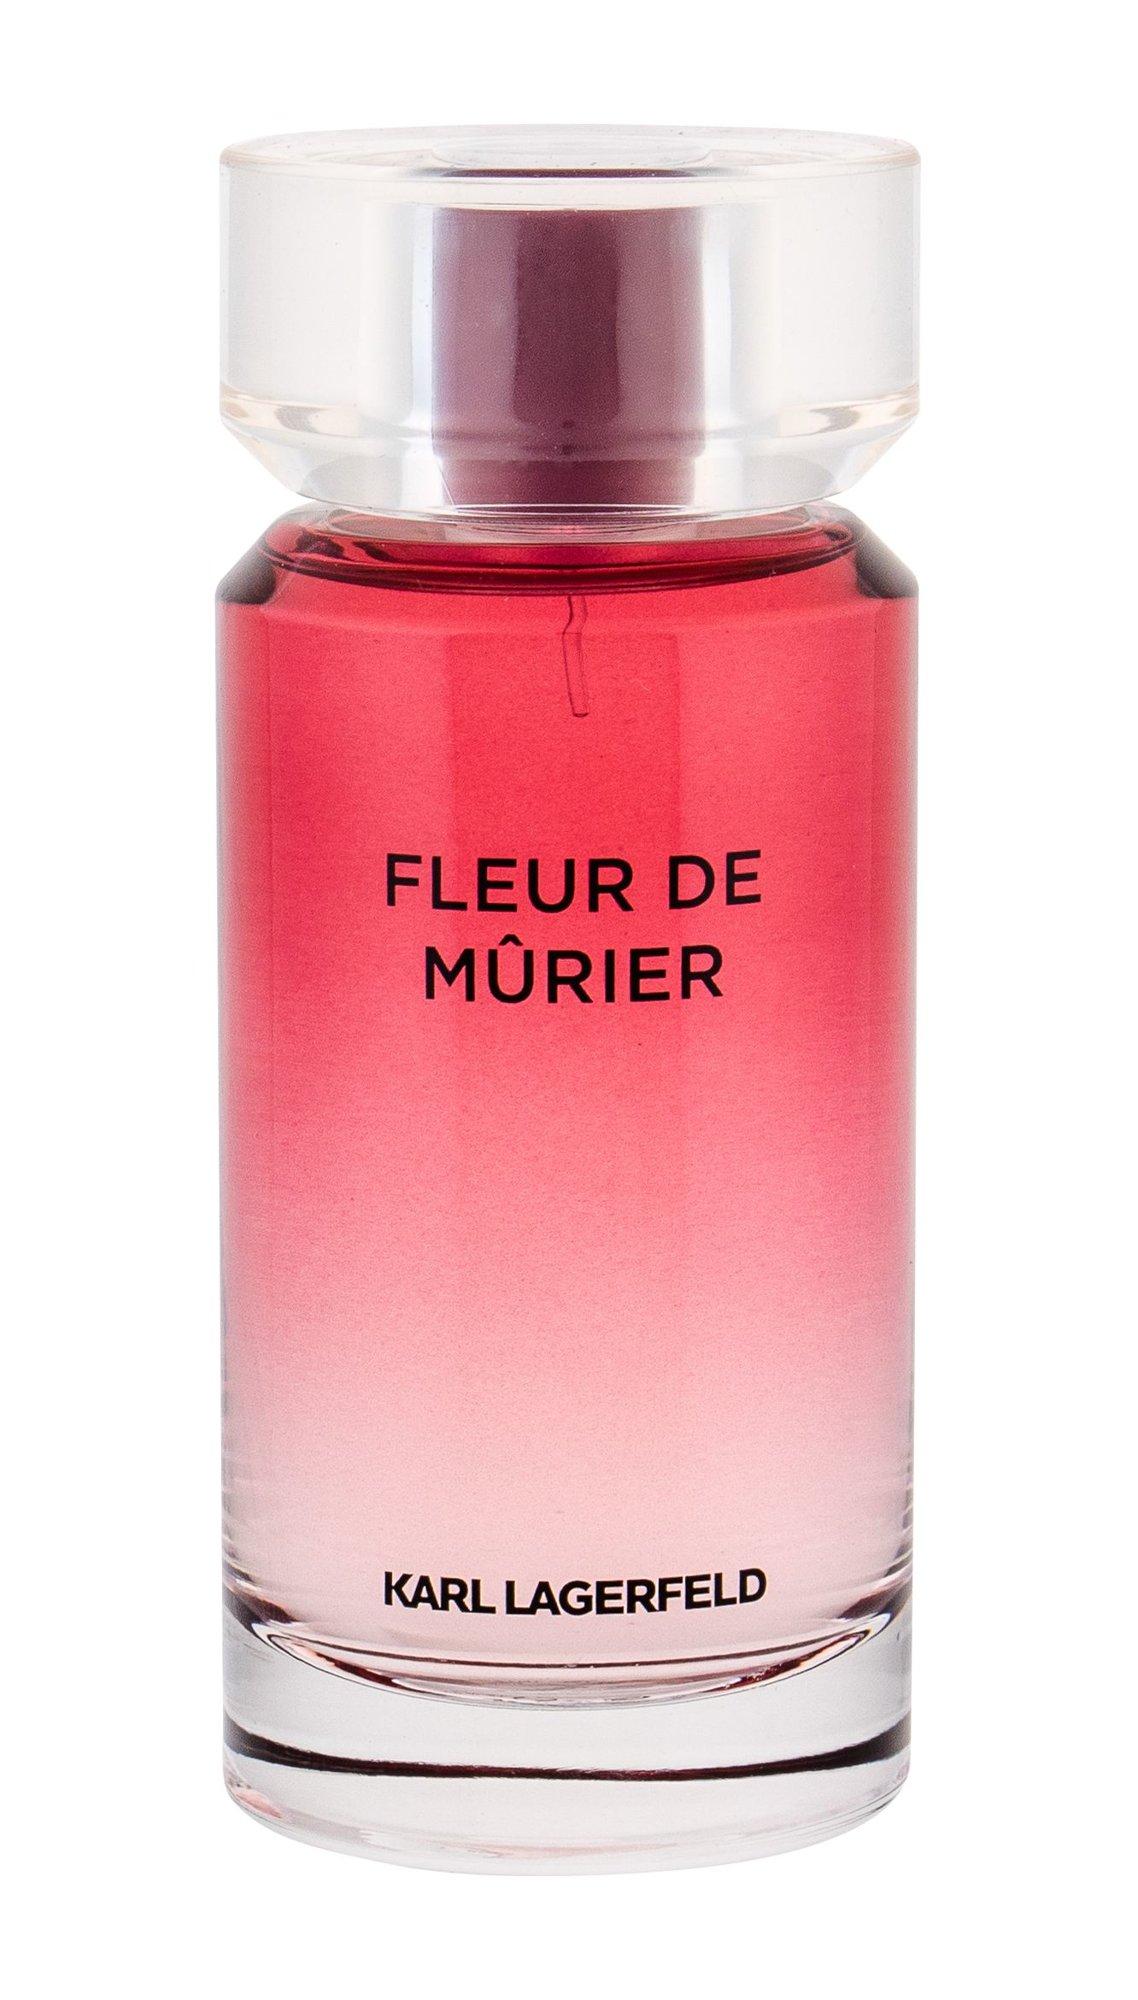 Karl Lagerfeld Les Parfums Matieres Eau de Parfum 100ml  Fleur de Murier